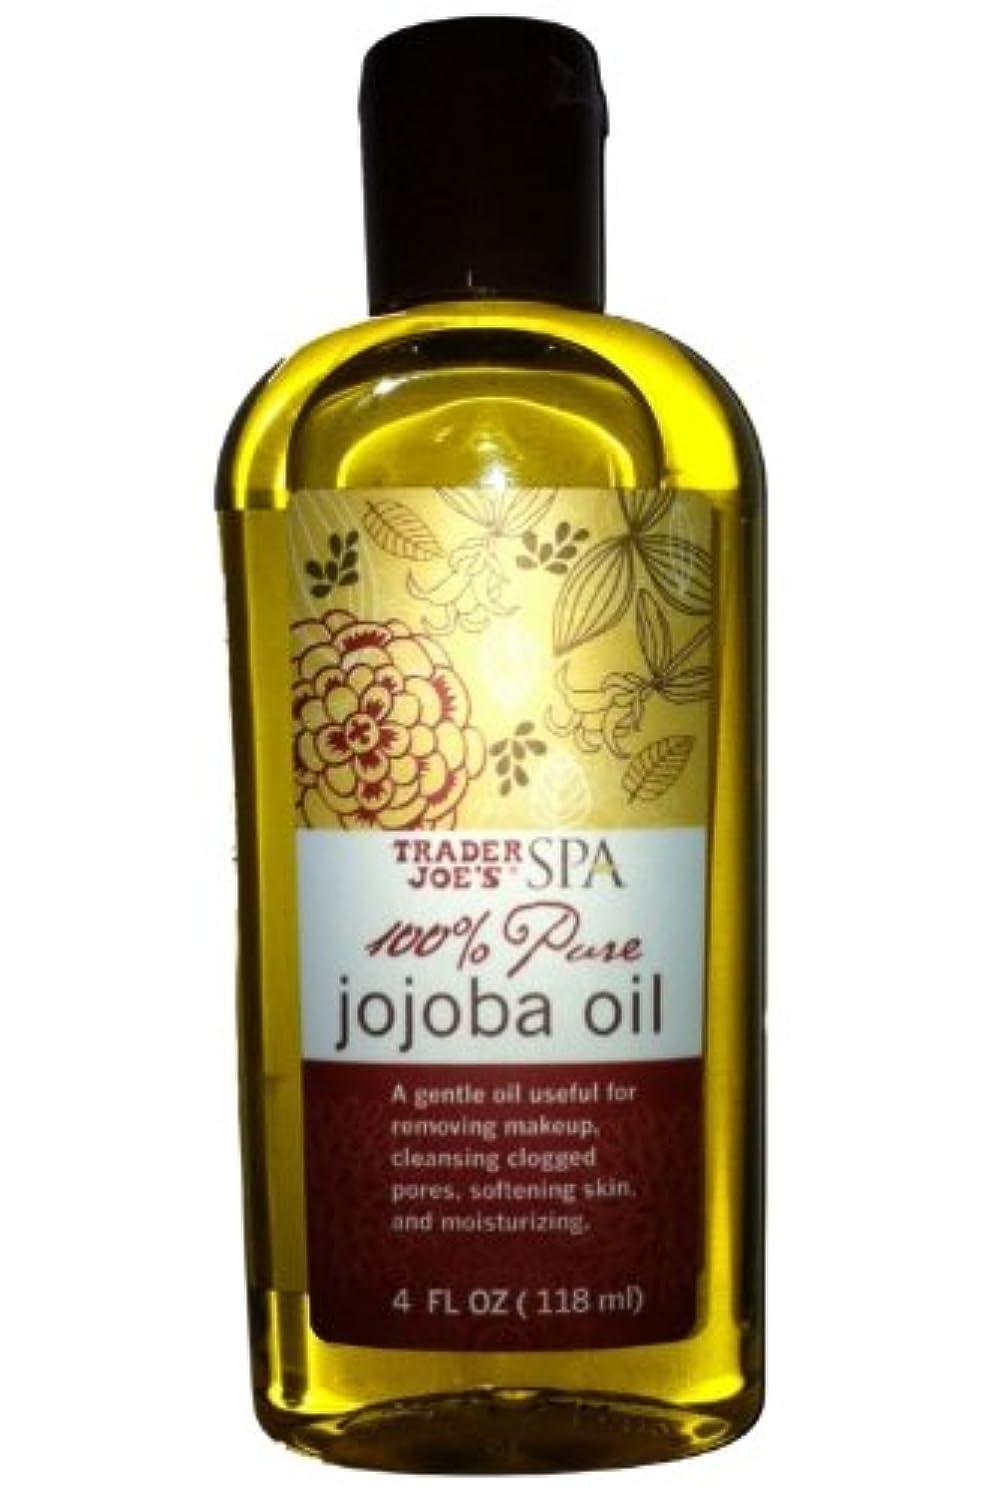 崇拝します船員感情のトレーダージョーズ 100%ピュア ホホバオイル[並行輸入品] Trader Joe's SPA 100% Pure Jojoba Oil (4FL OZ/118ml)